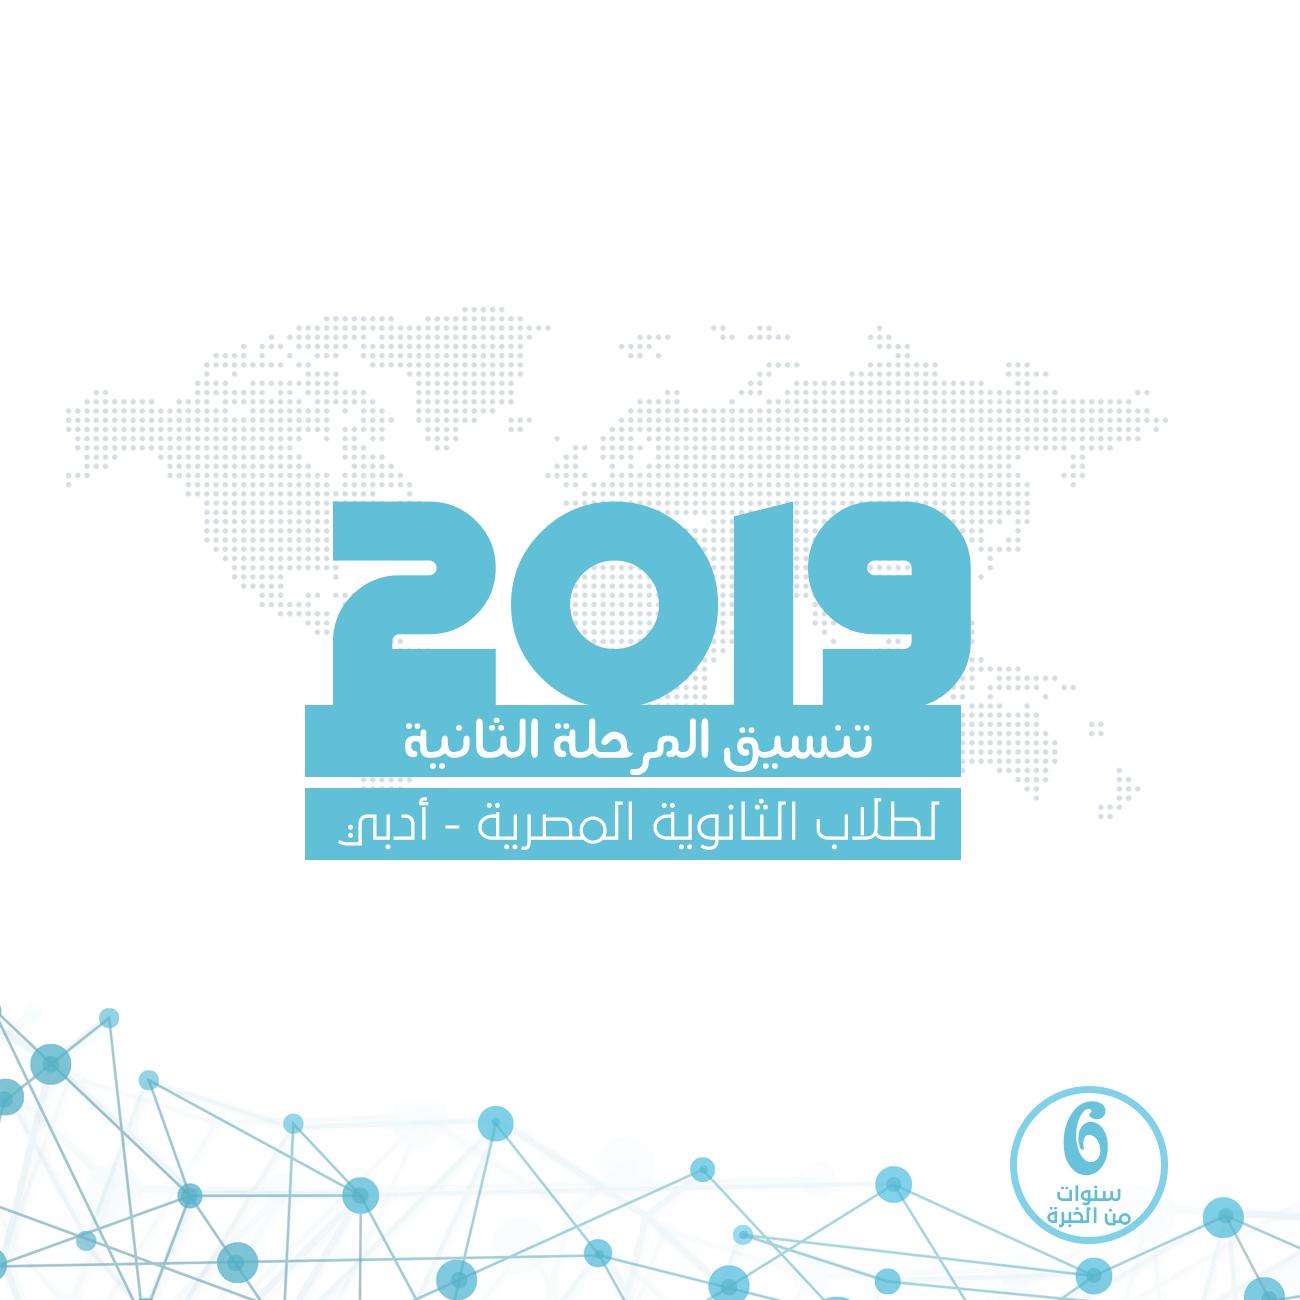 تنسيق المرحلة الثانية للثانوية العامة المصرية (أدبي) مع النسبة المئوية -2019-